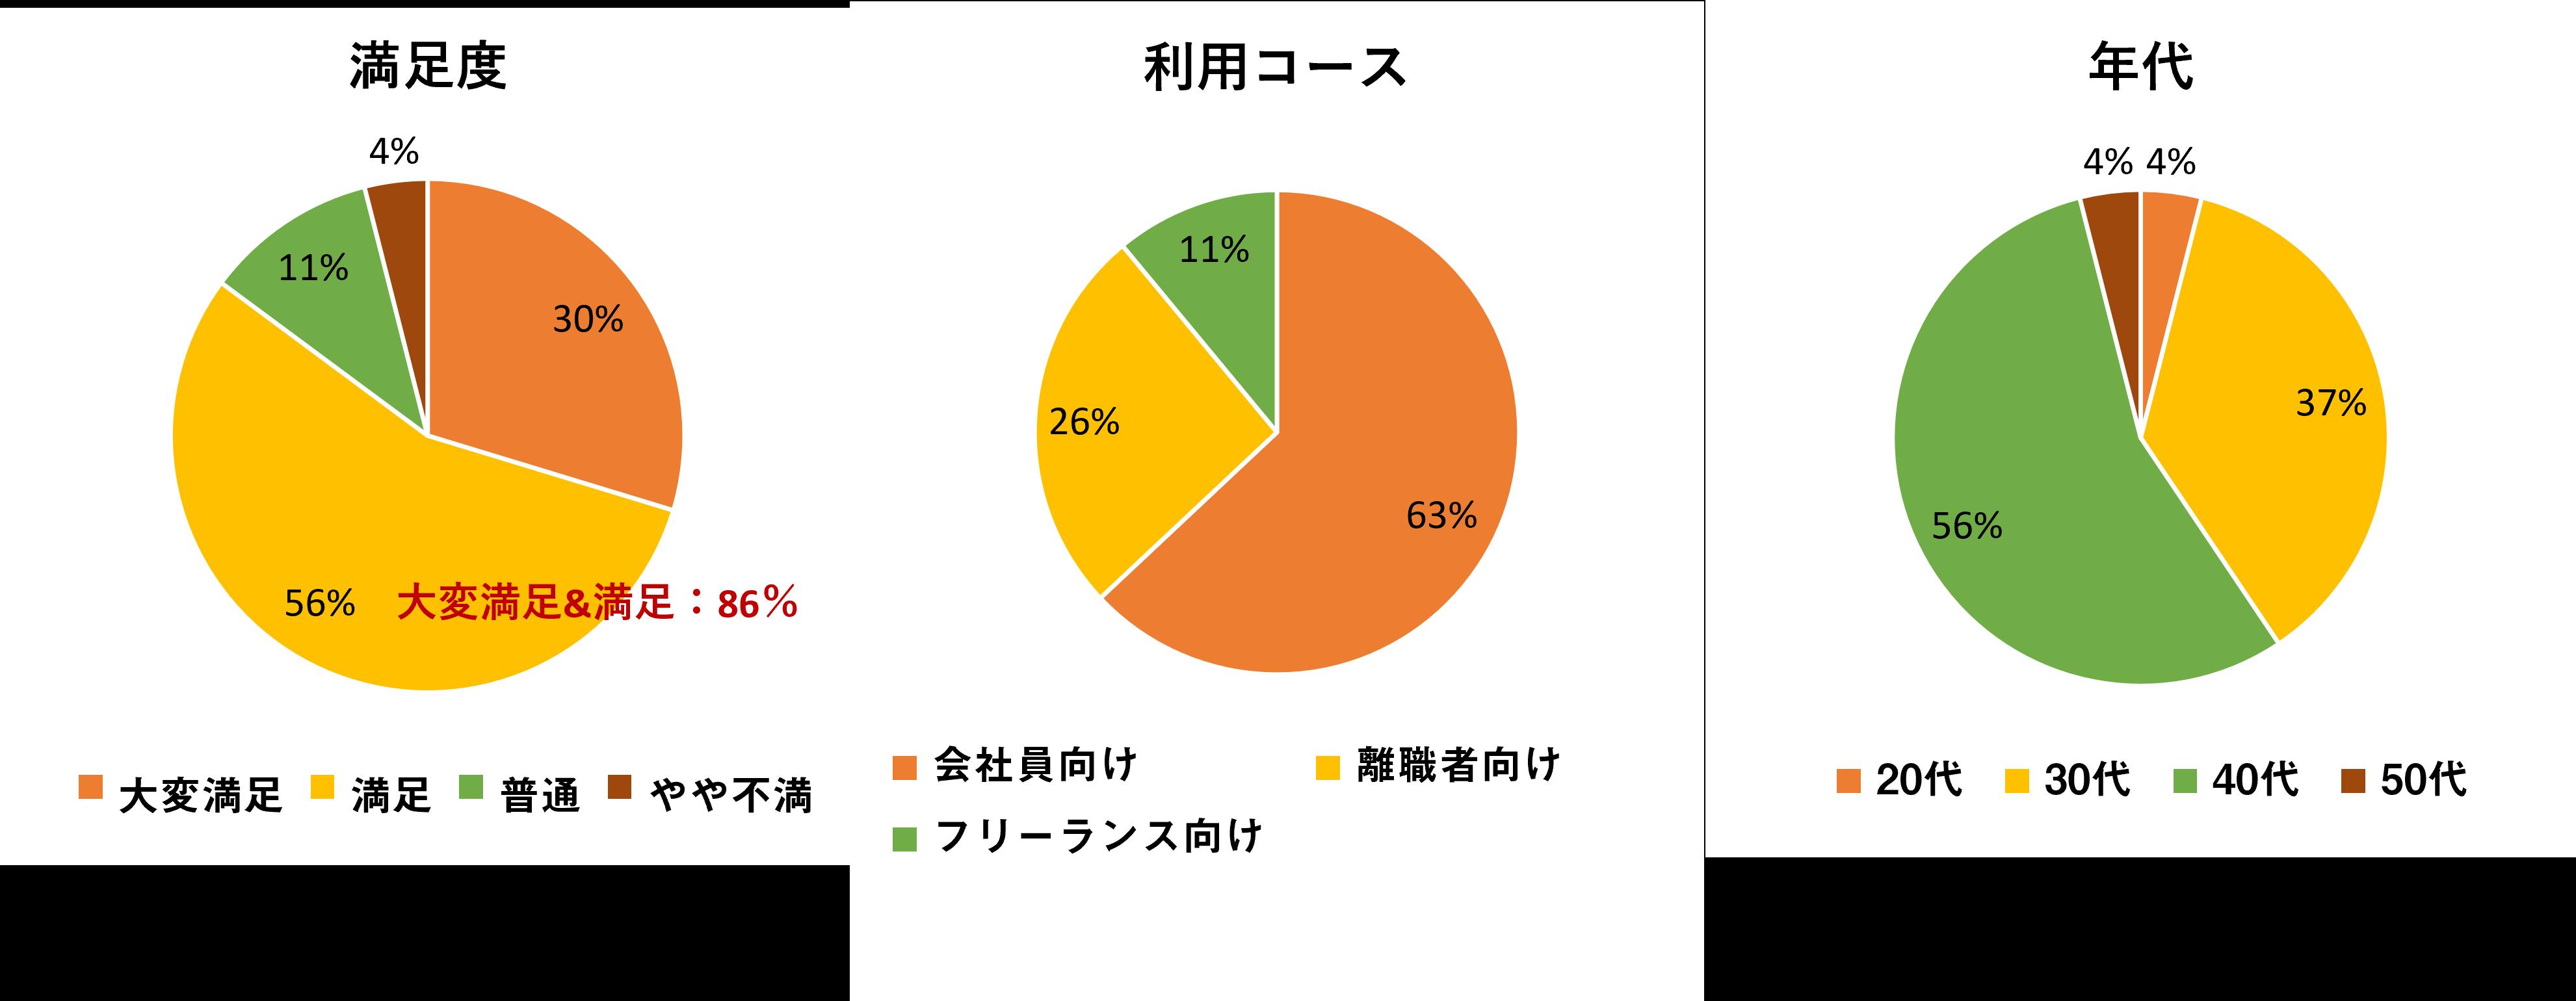 %e3%82%b0%e3%83%a9%e3%83%95%e7%94%bb%e5%83%8f1